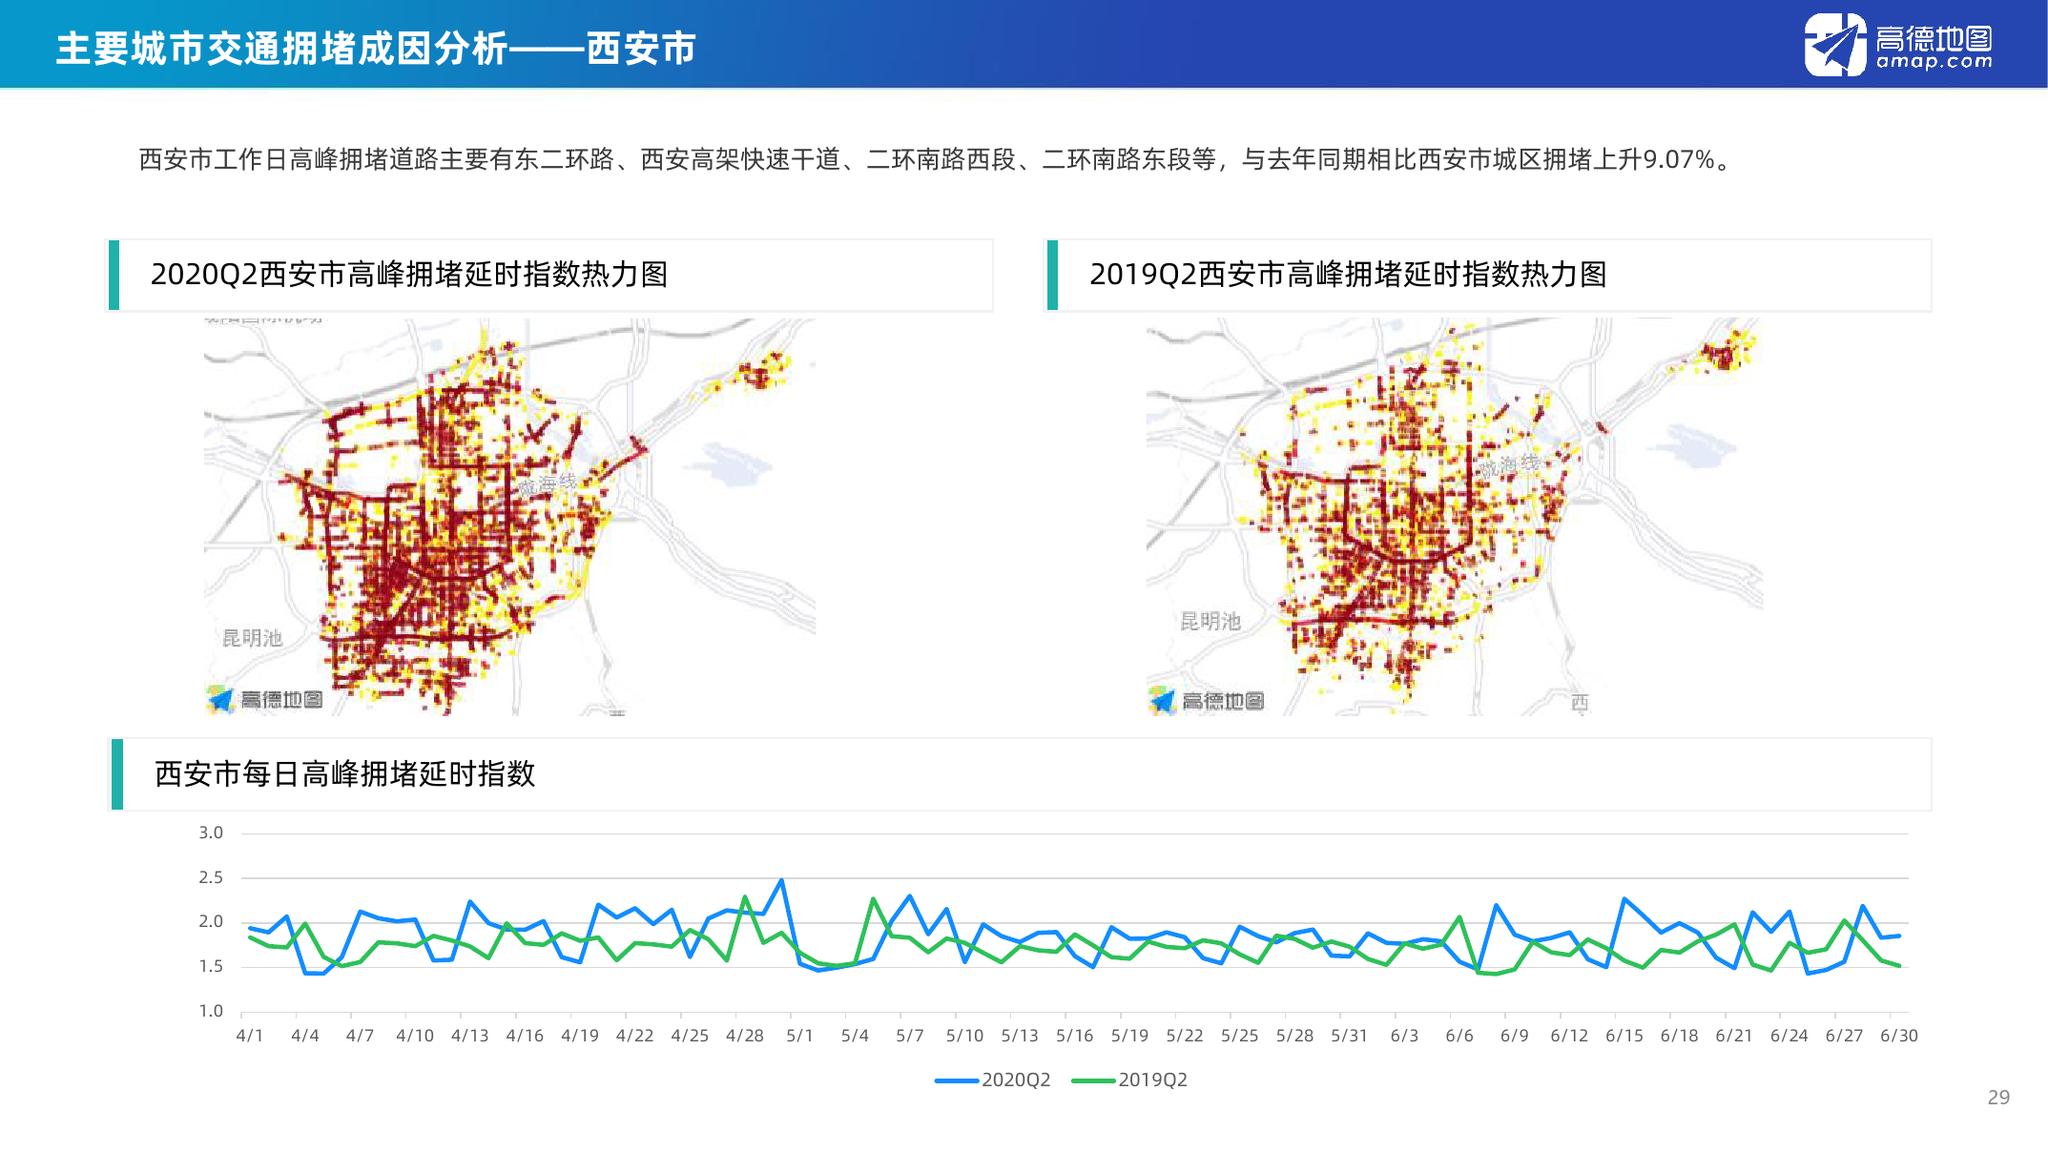 郑州市经济发展地图